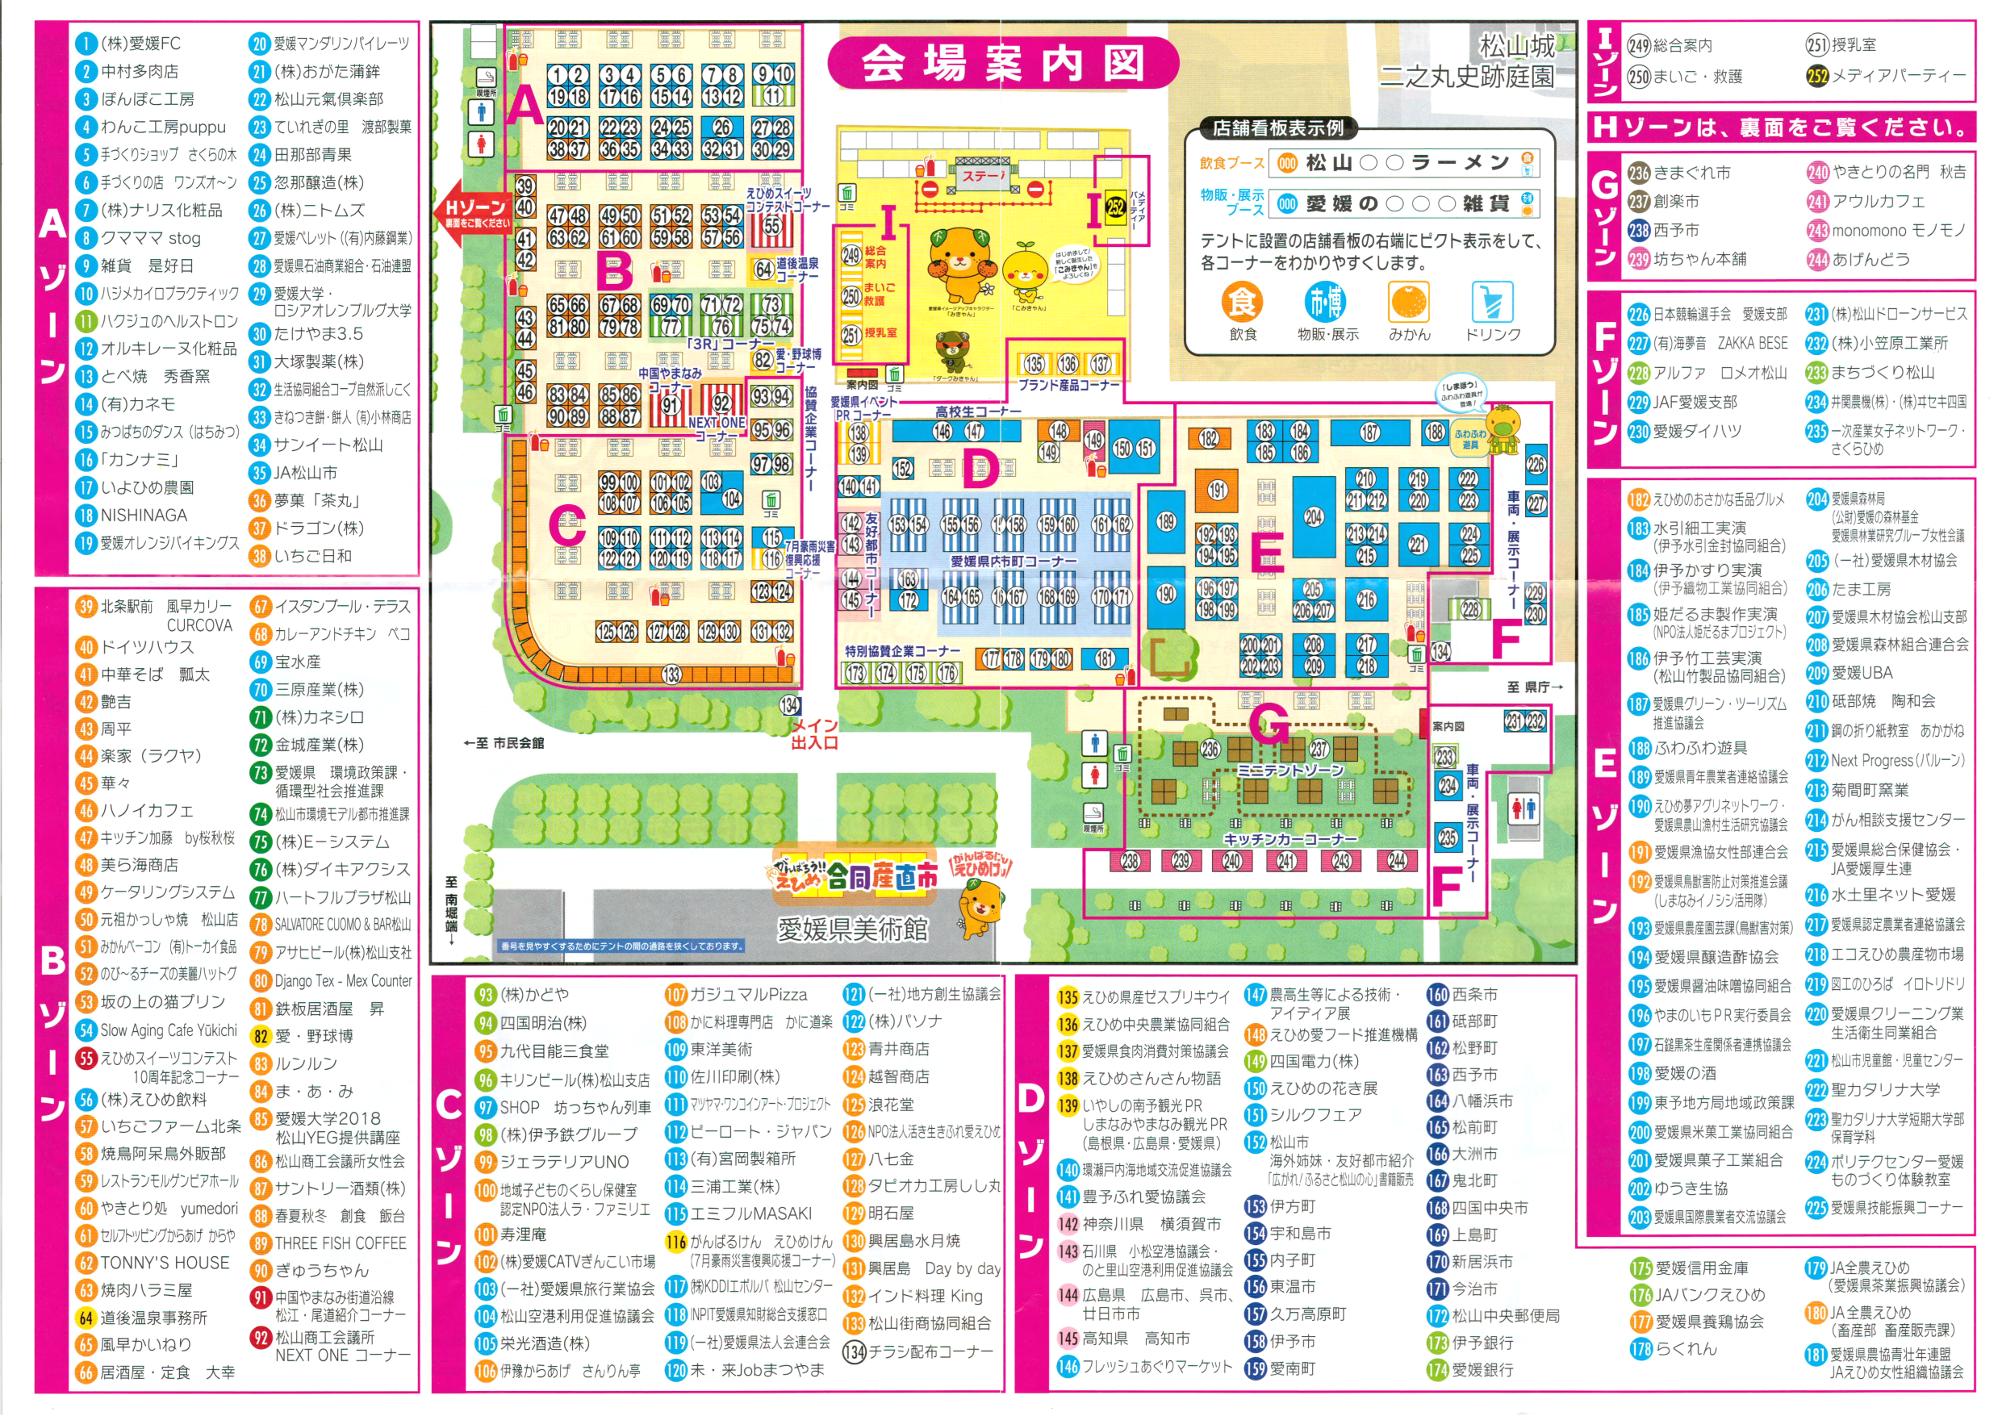 すごいもの博MAP